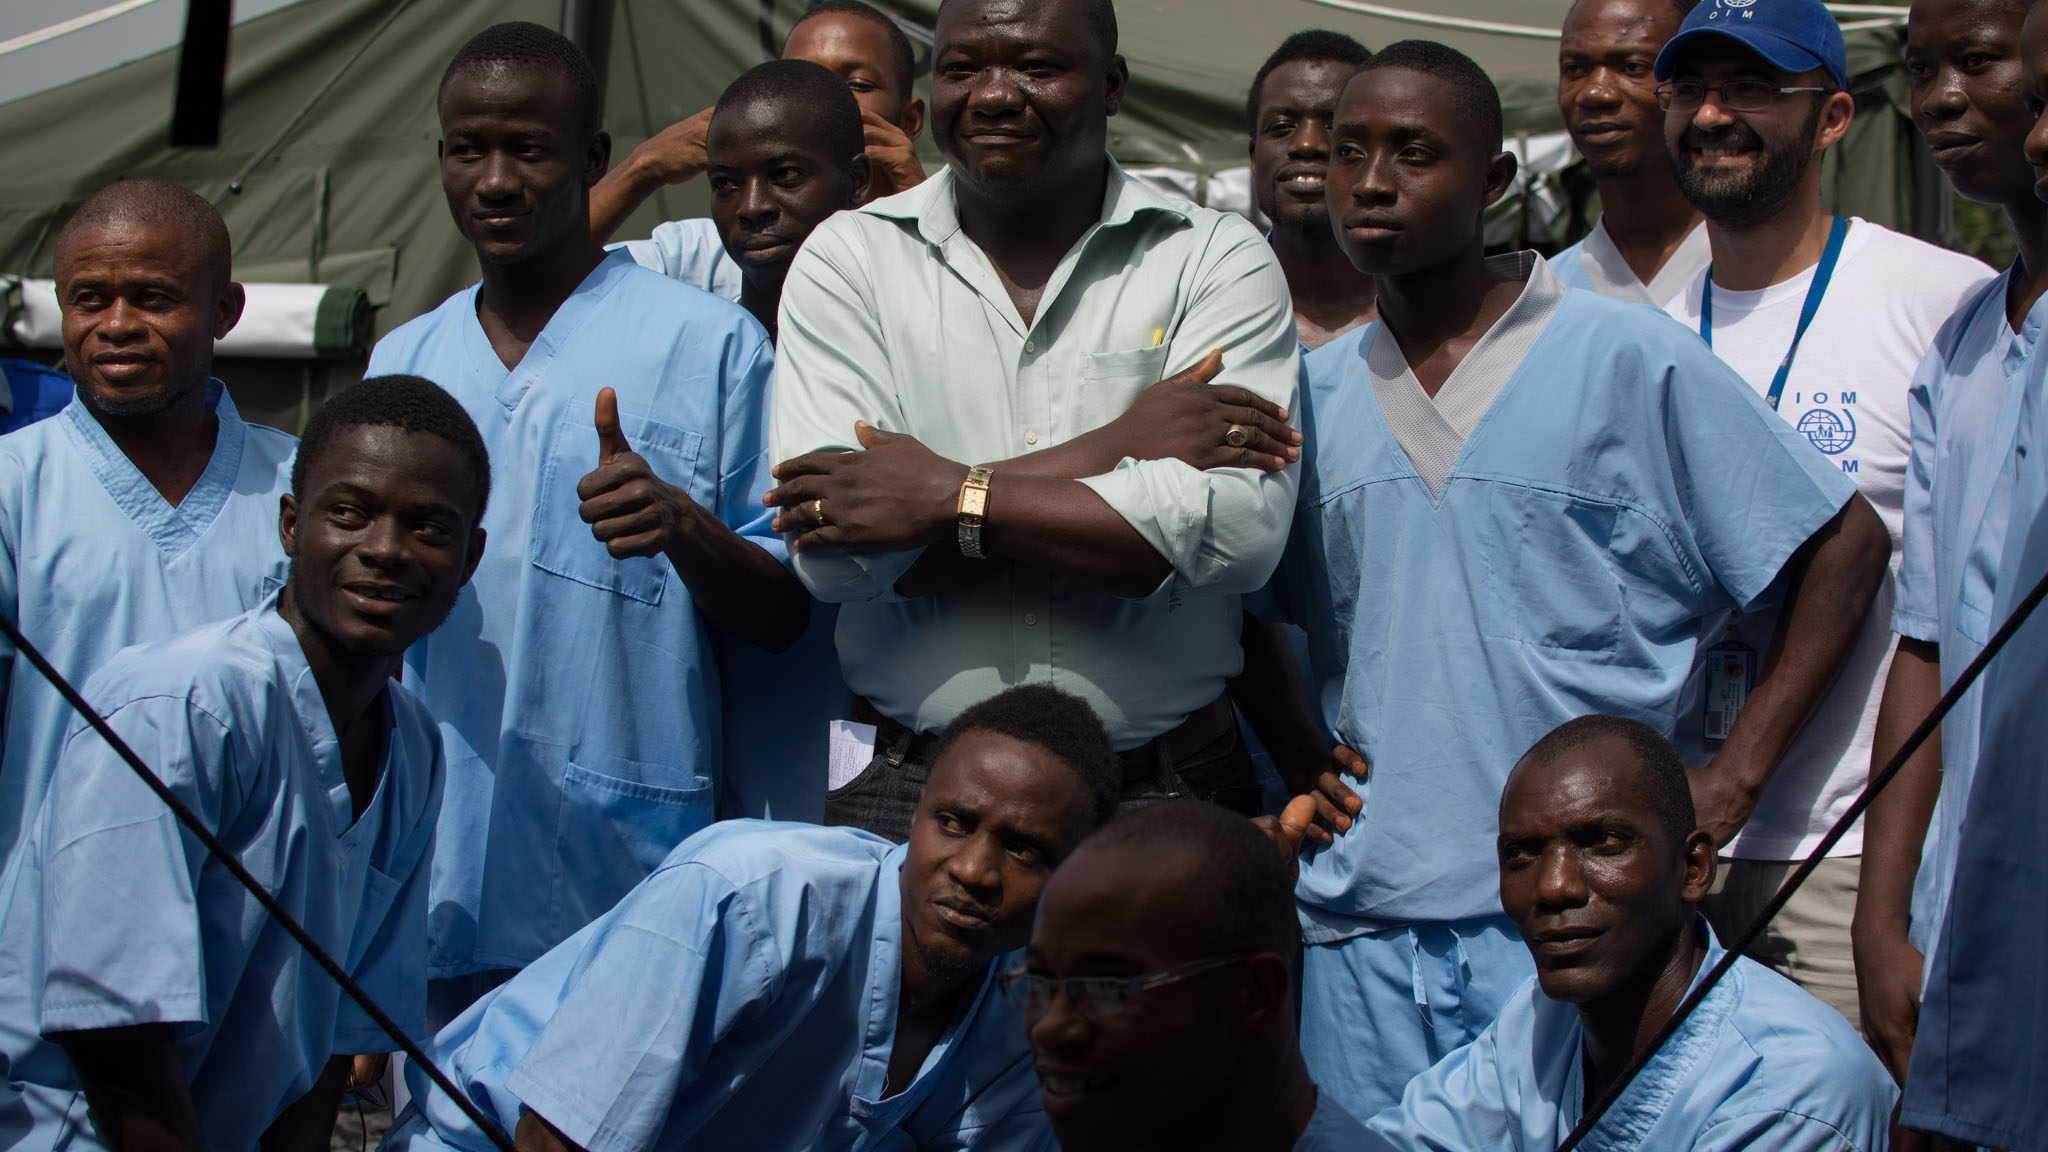 В Либерии призвали выздоровевших от Эболы отказаться от секса